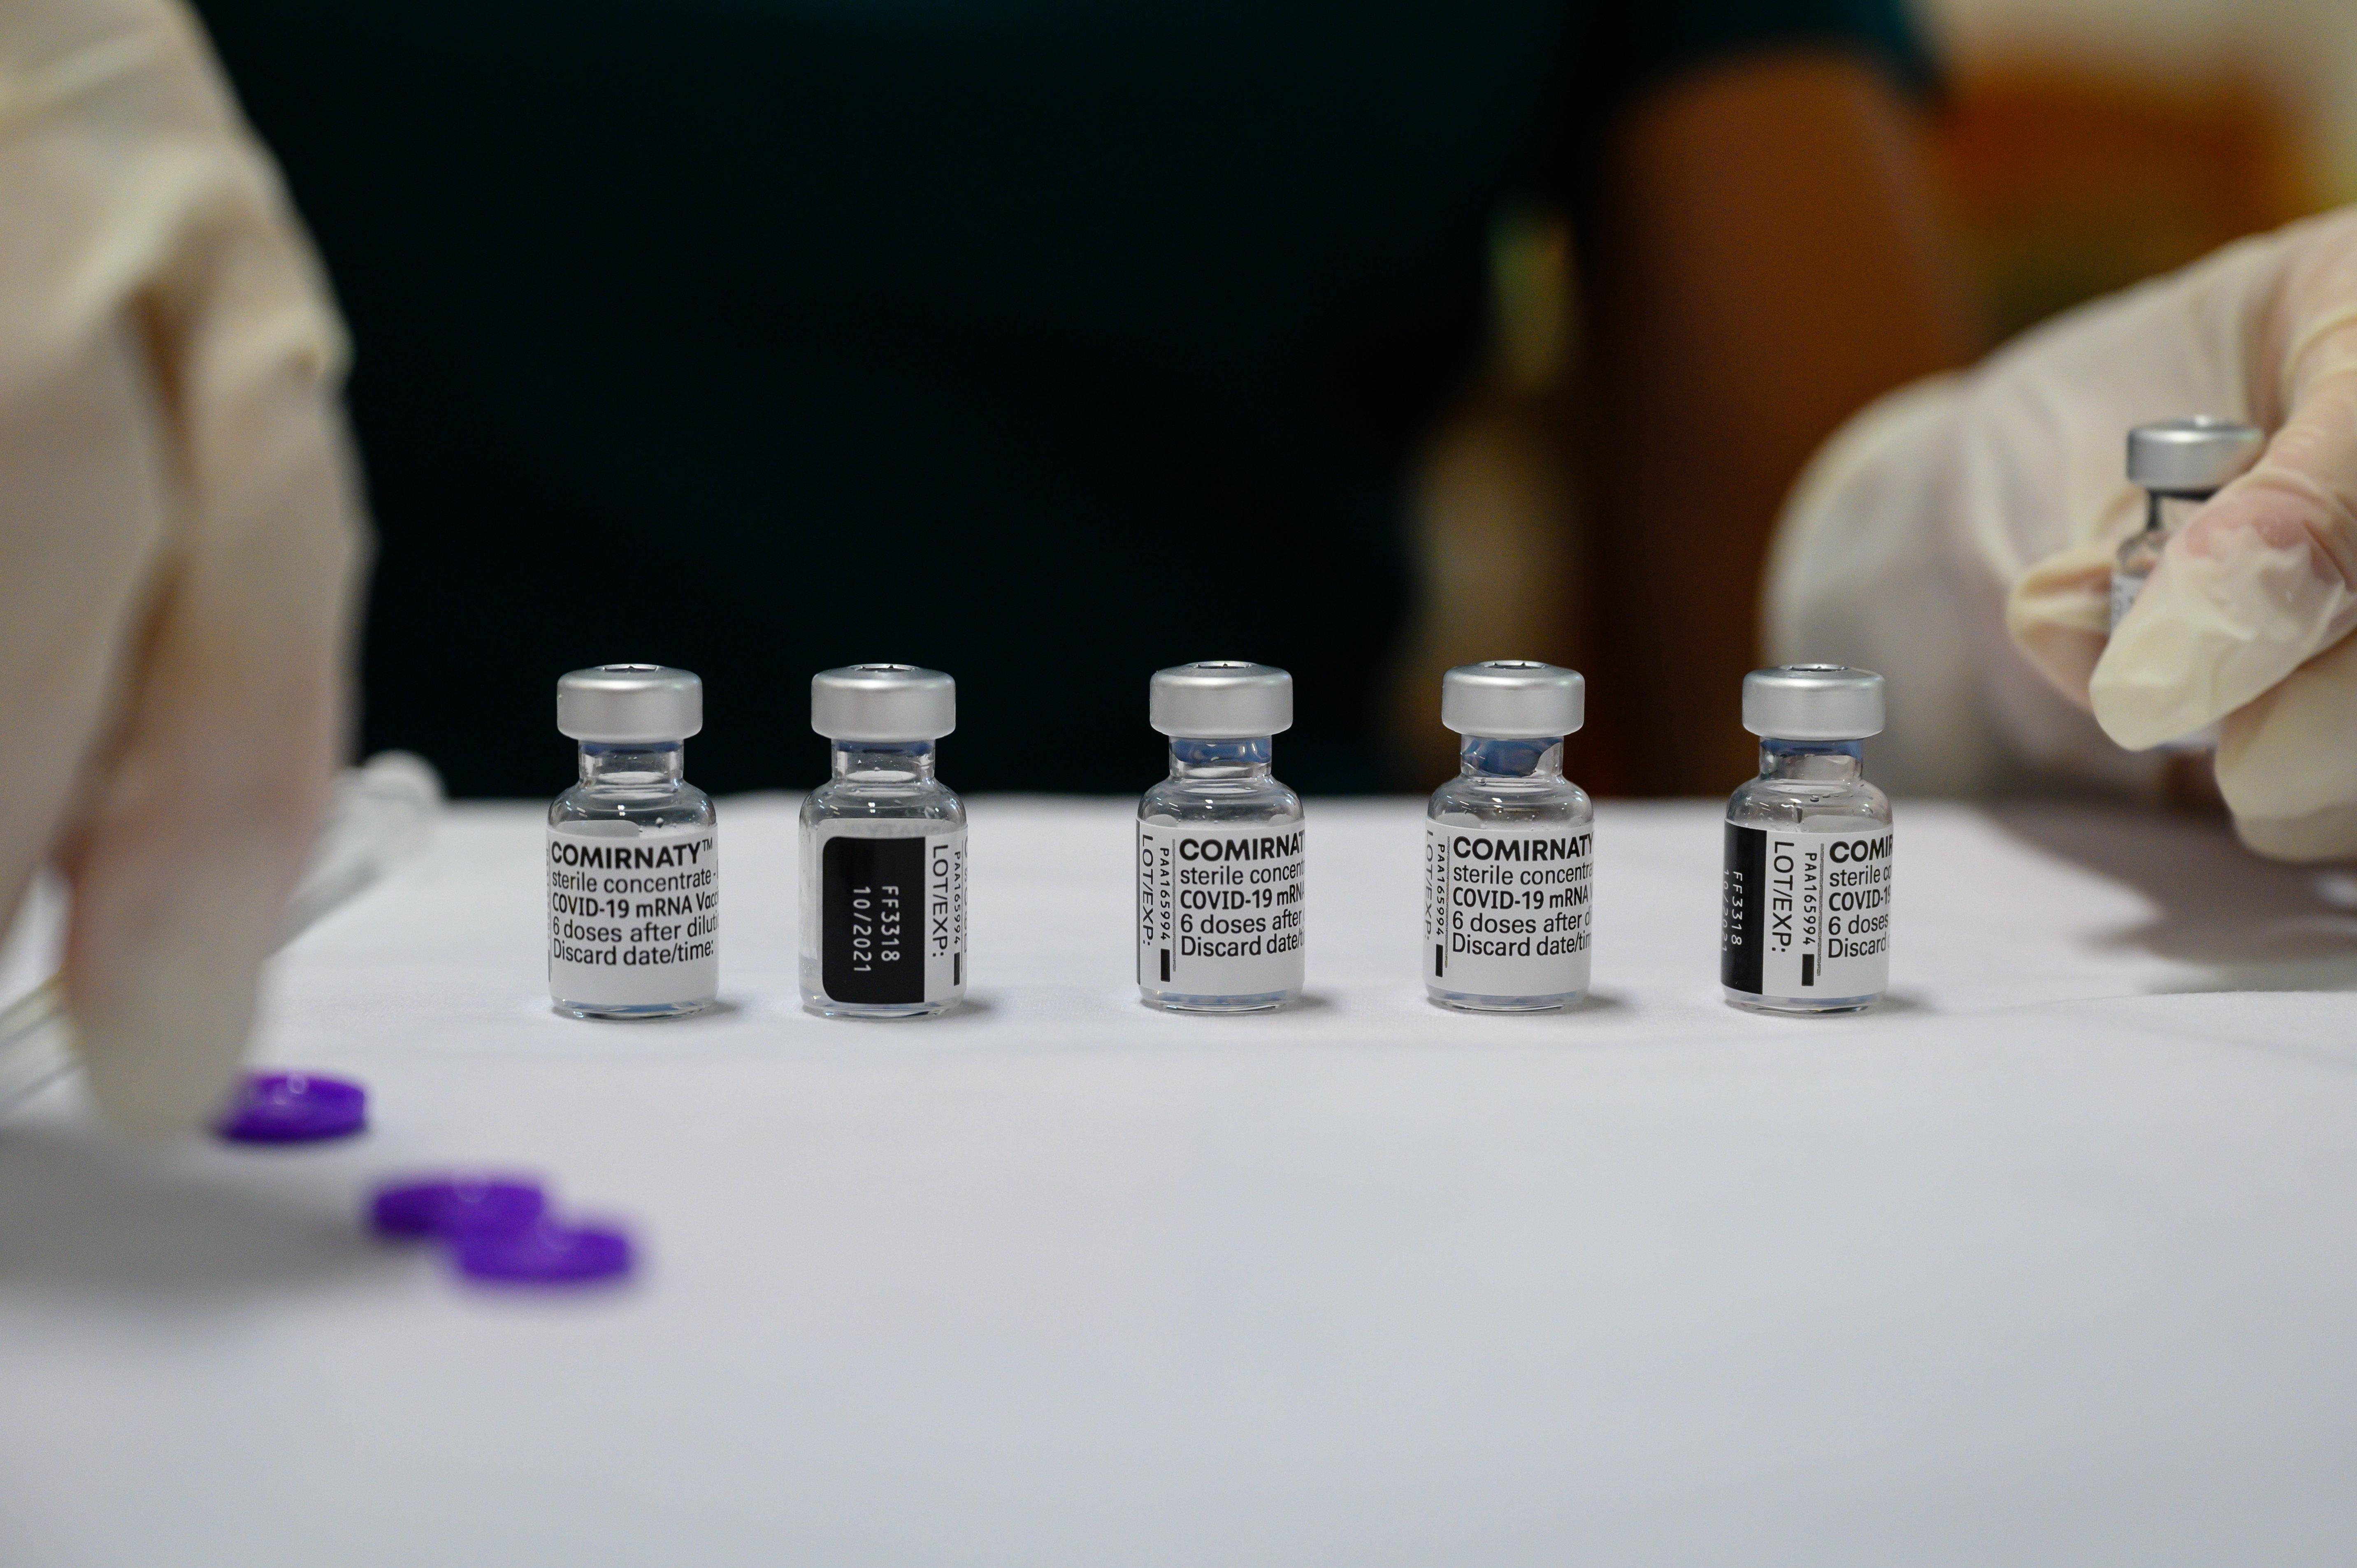 Müller Cecília helyett szakértők írták le, hogy a kínai vakcinát kapott, de antitest védelem nélkül maradt időseknek mindenképpen szükségük van 3. oltásra